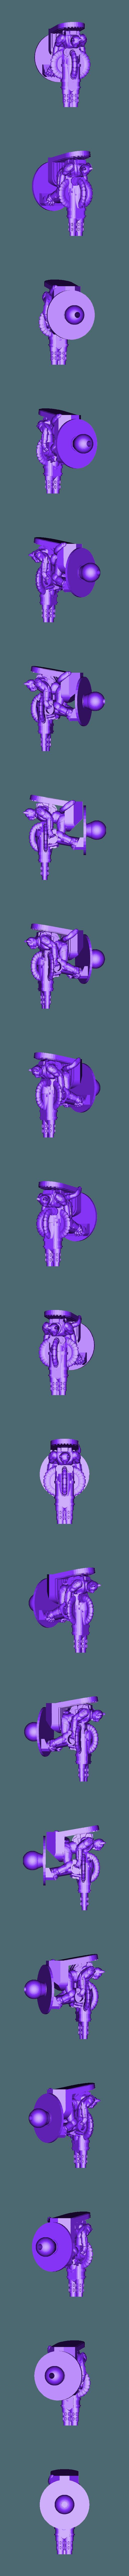 Catillac_Turret.stl Télécharger fichier STL gratuit Laser Catillac sans support • Design imprimable en 3D, mrhers2